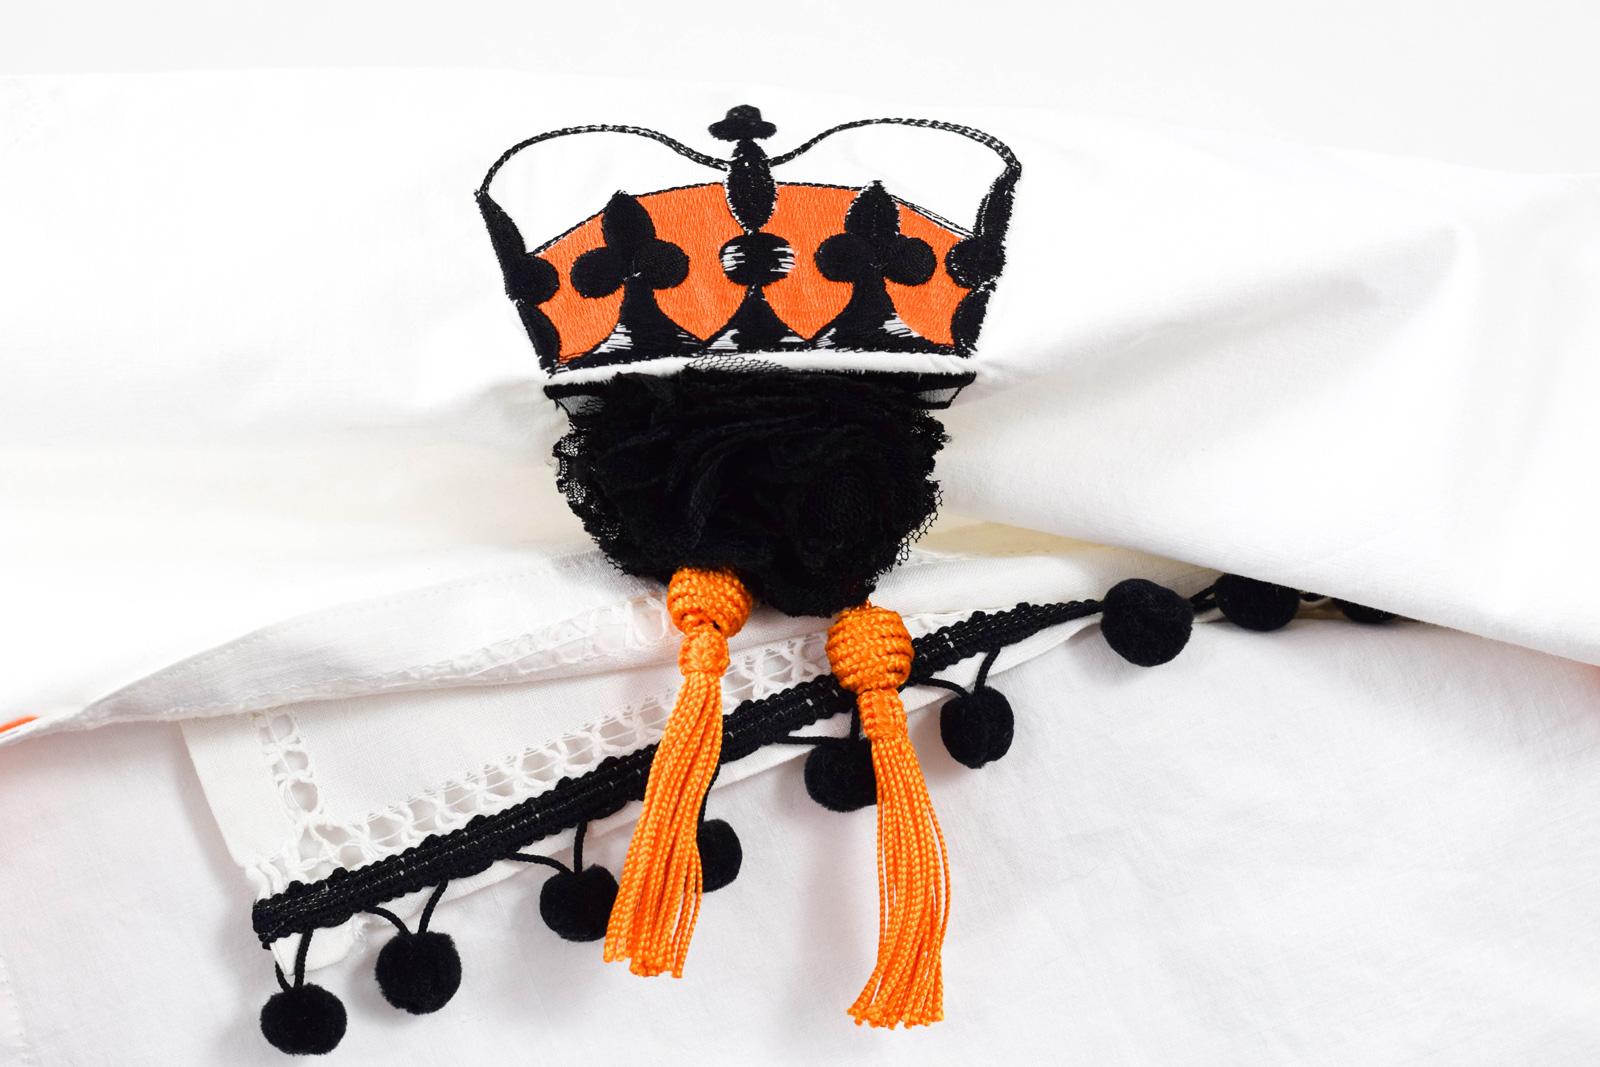 Queen-horizontal-zoom